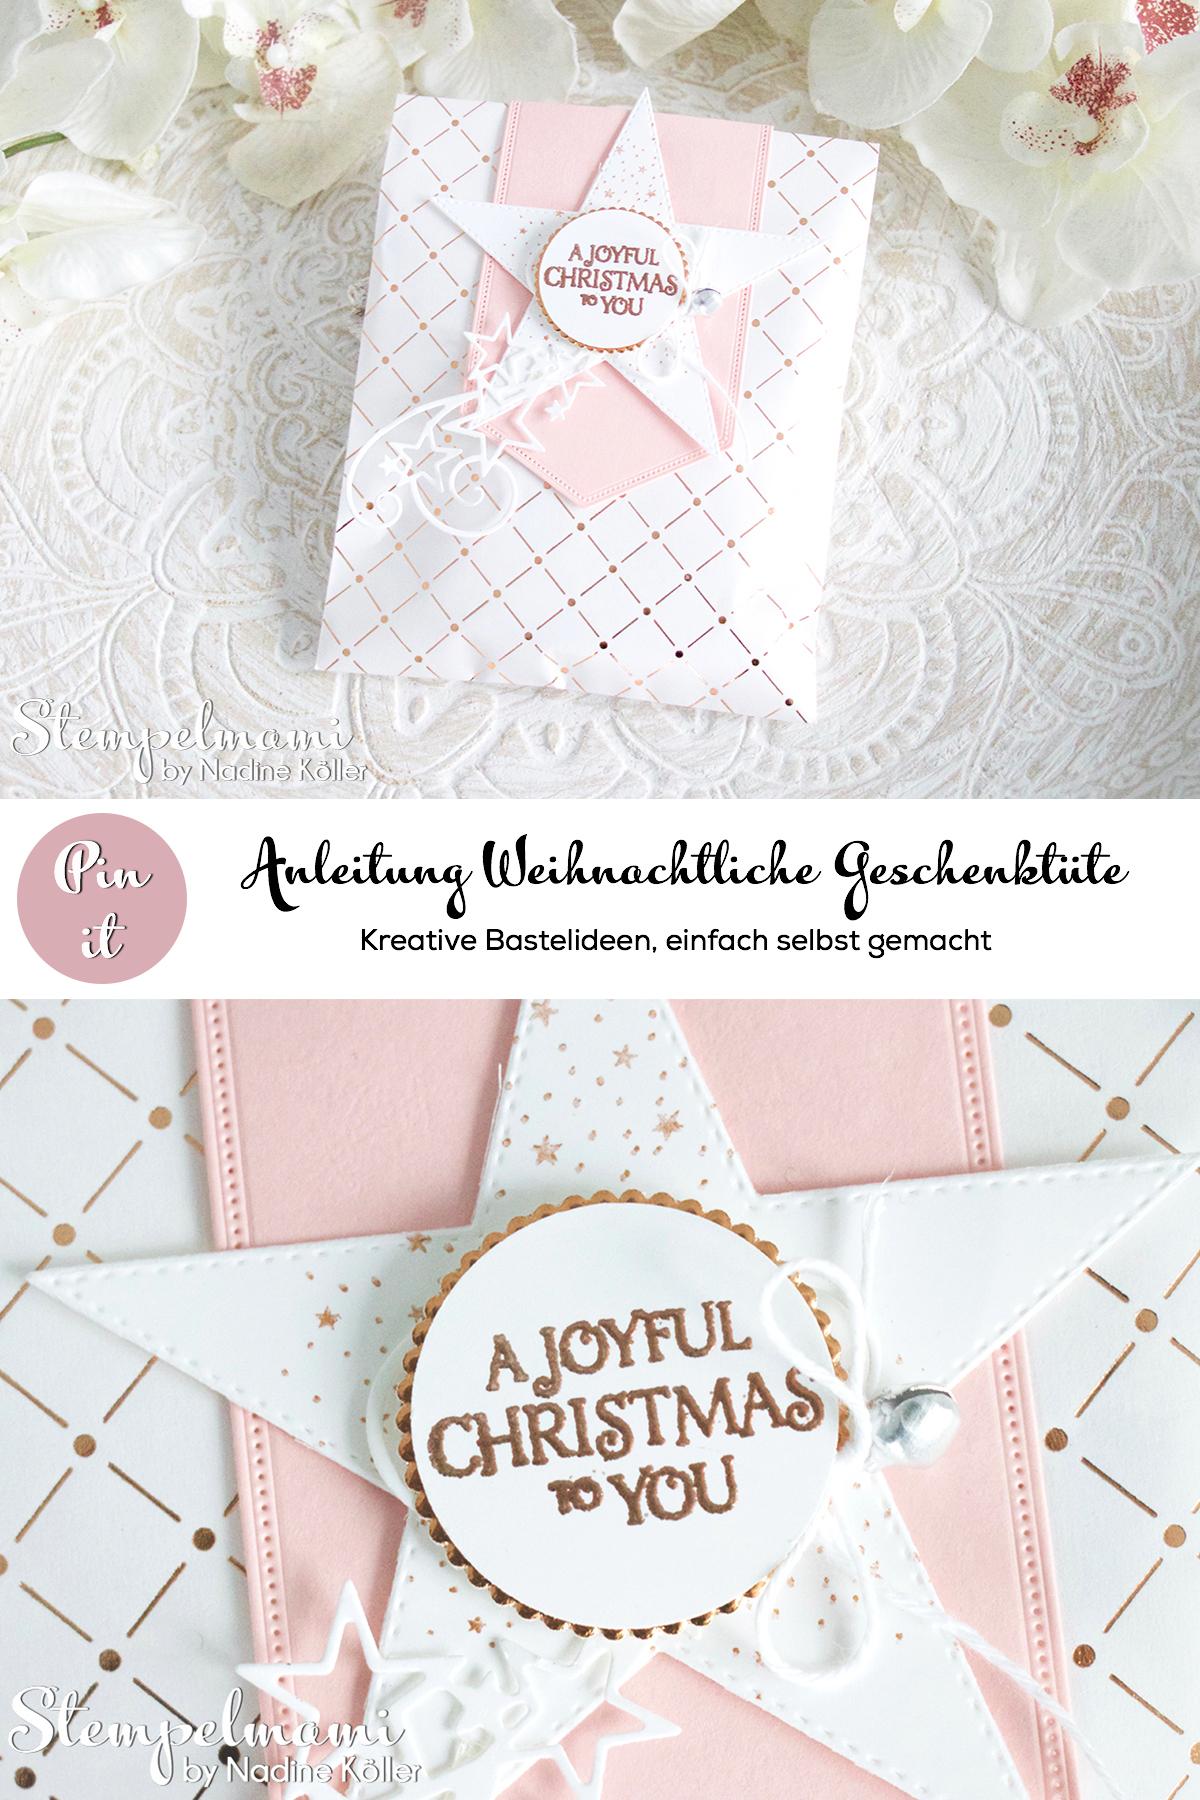 Stampin Up Video Anleitung Swap fuer die Onstage in Dortmund Stempelmami Geschenktuete Puenktchen Flair in Kupfer Goodie Gift Bag Weihnachten basteln Pinterest